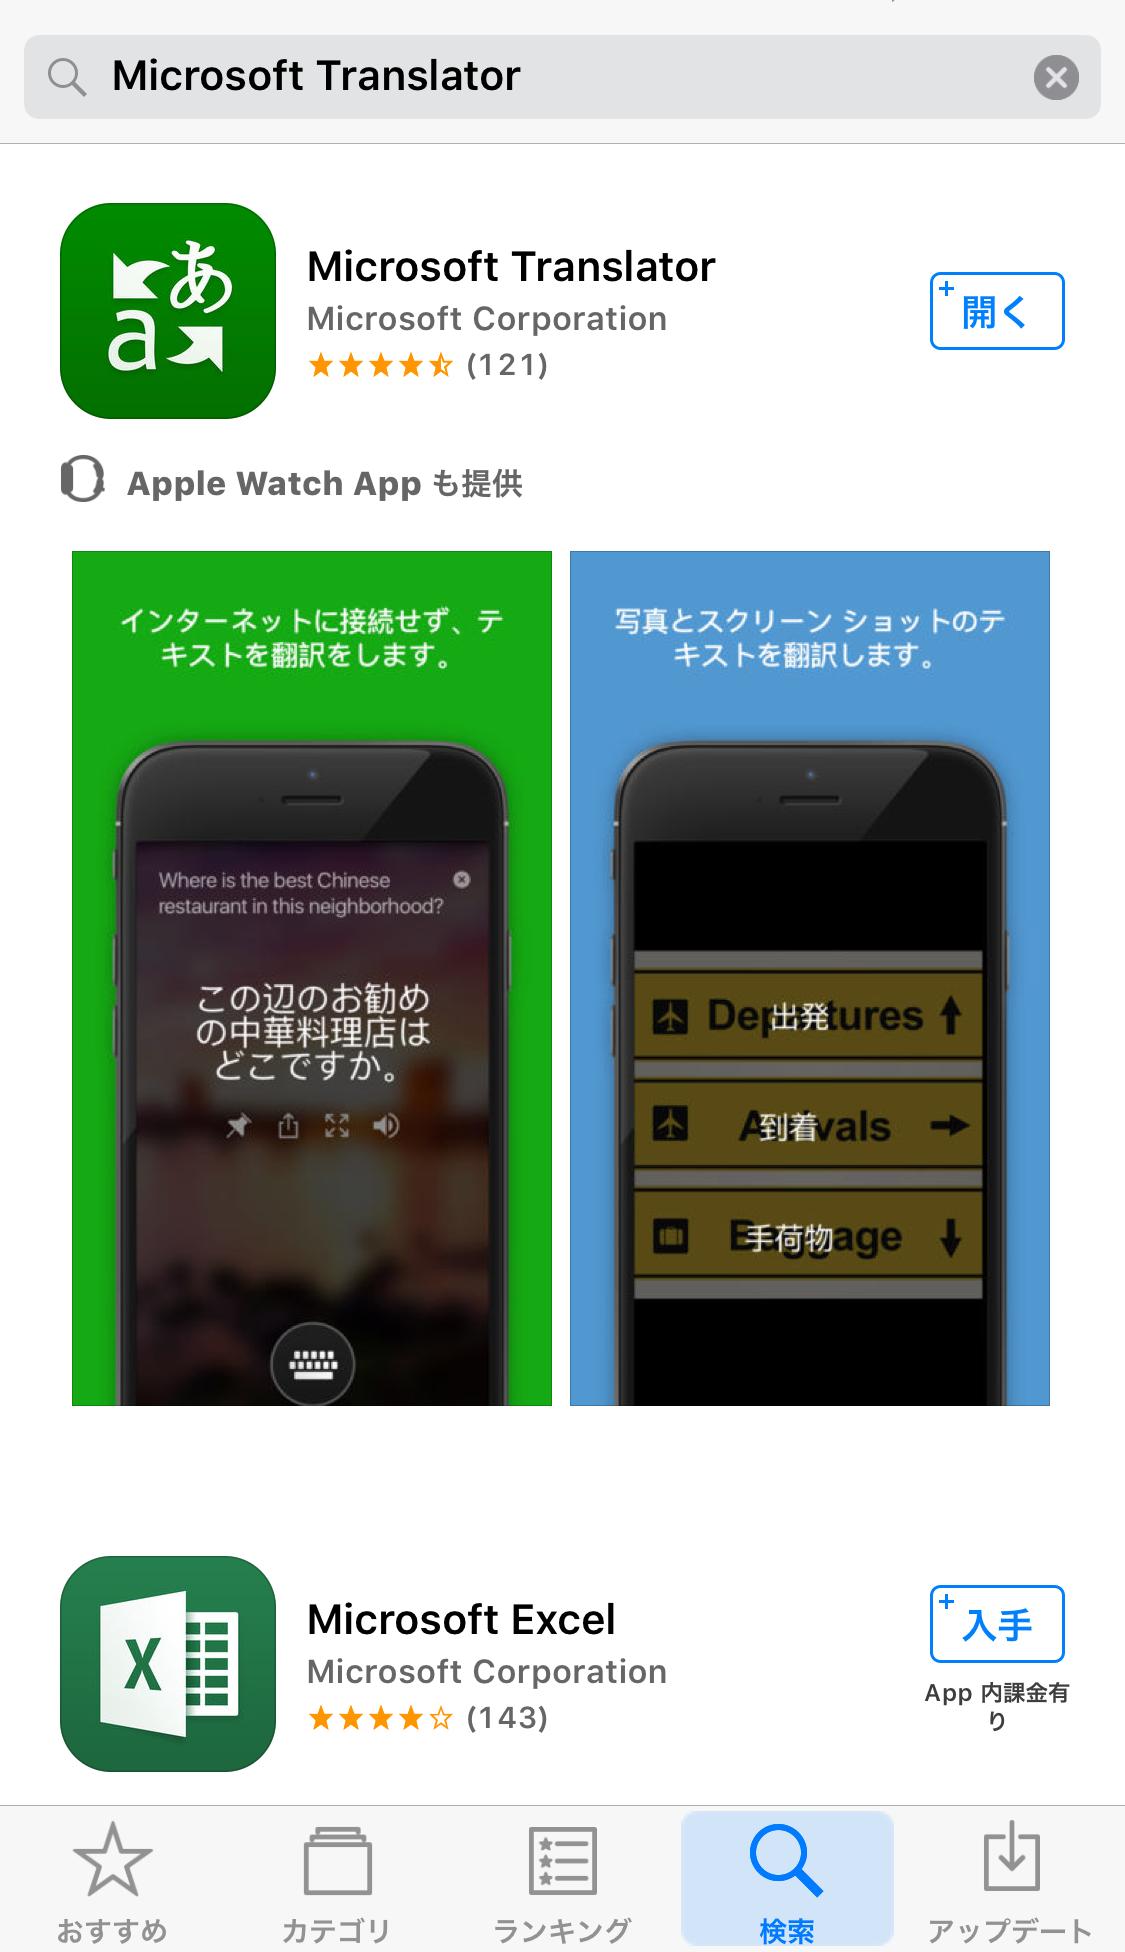 マイクロソフトトランスファーアプリダウンロード画面